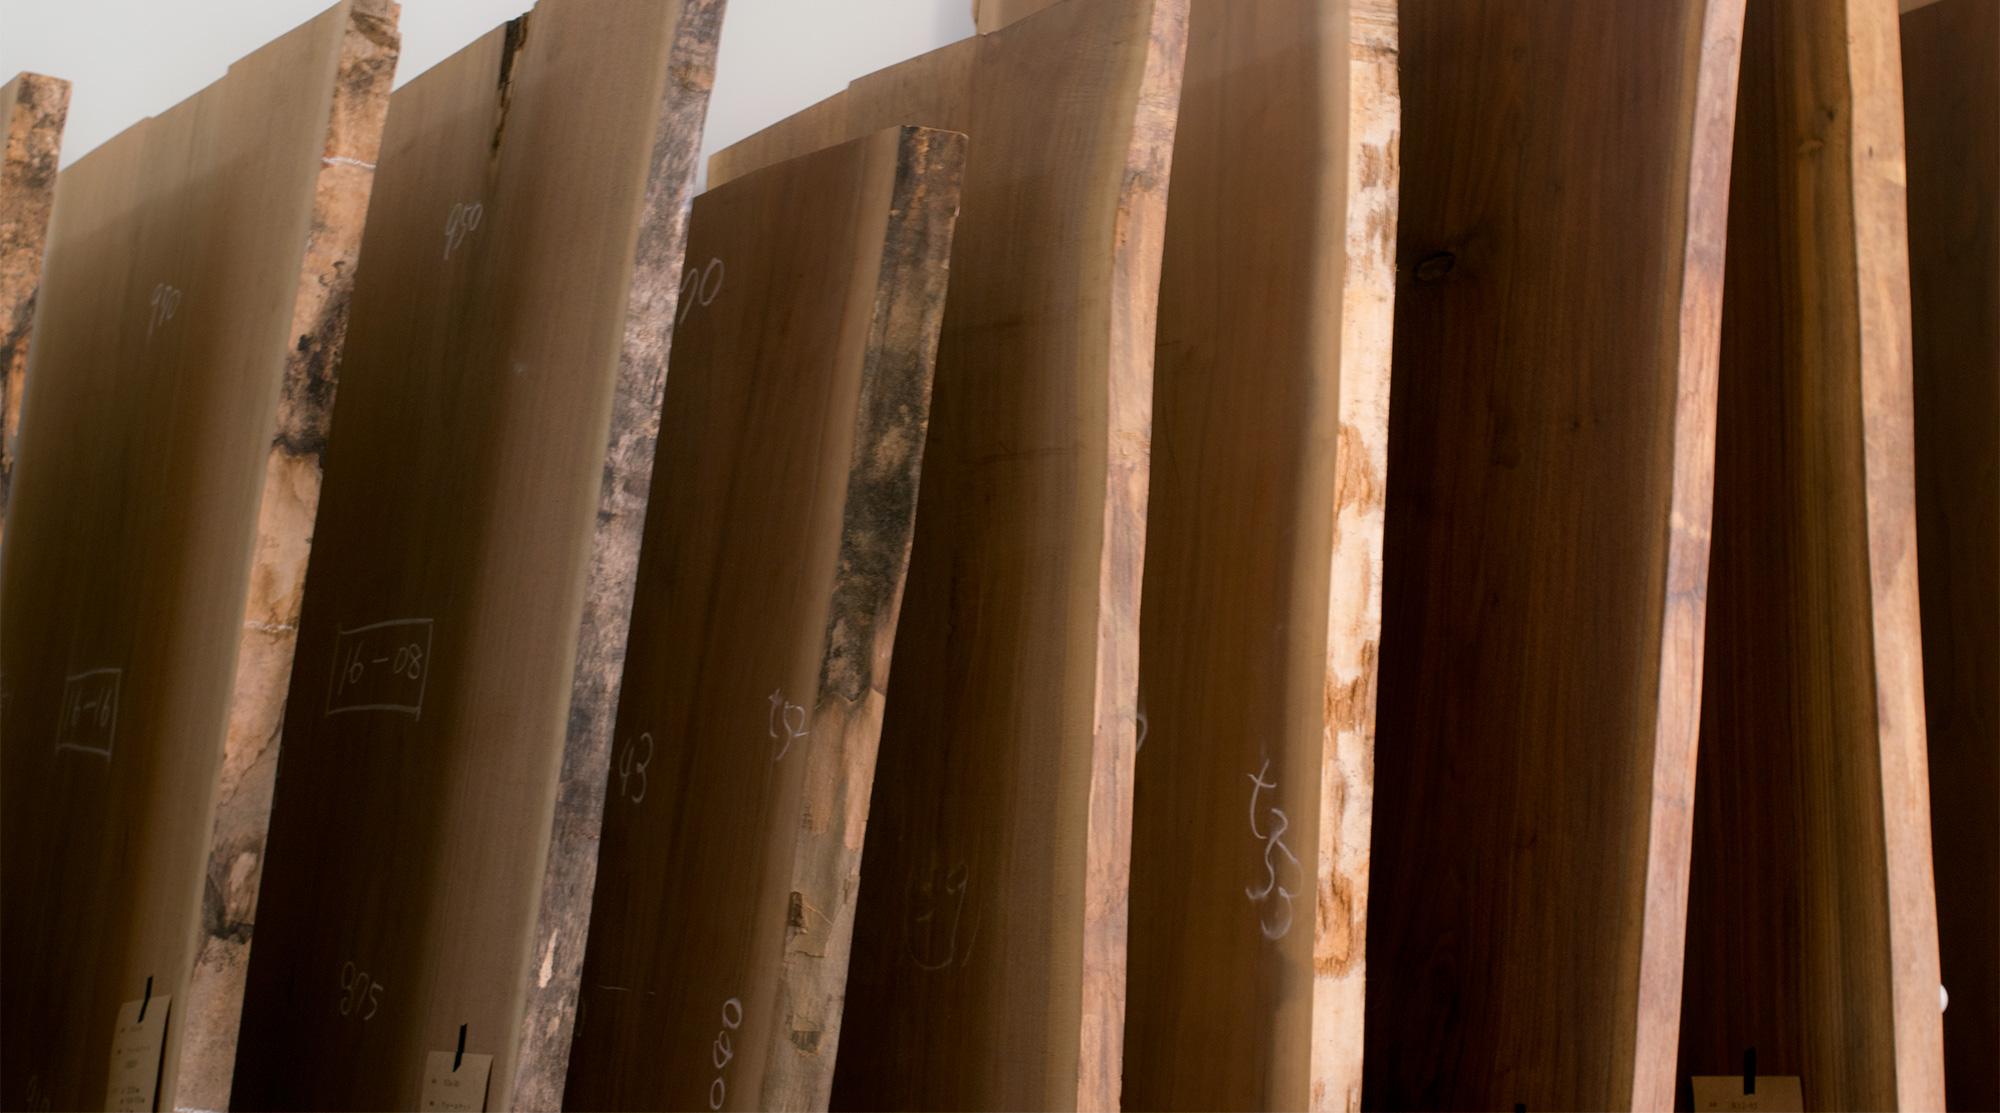 ウォールナット 無垢天板 特集 展示